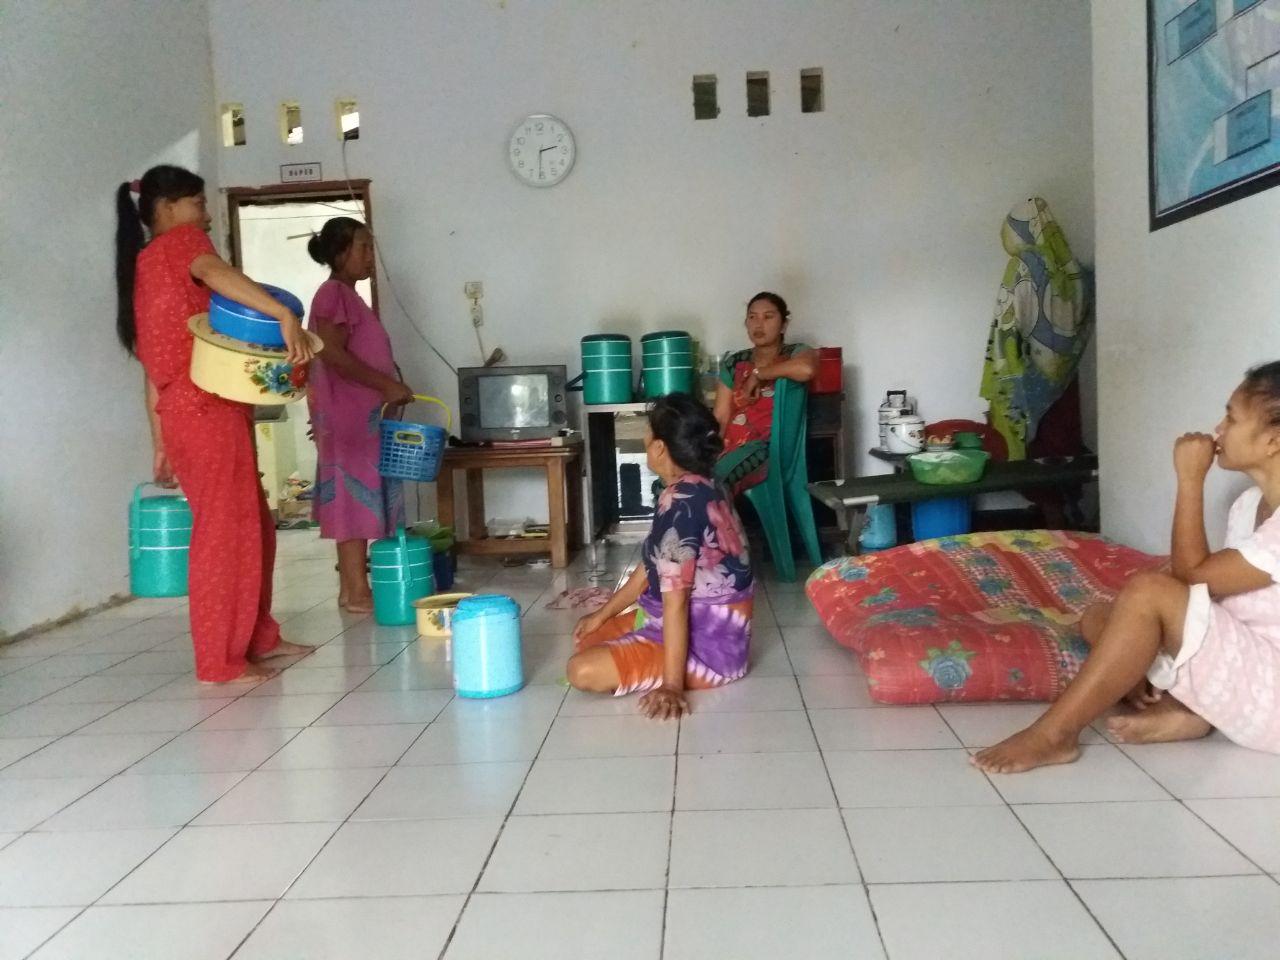 Dikala Laki-laki Membantu Satgas TMMD ke 104 Ta 2019 Kodim Bone, Ini Dilakukan Para Ibu